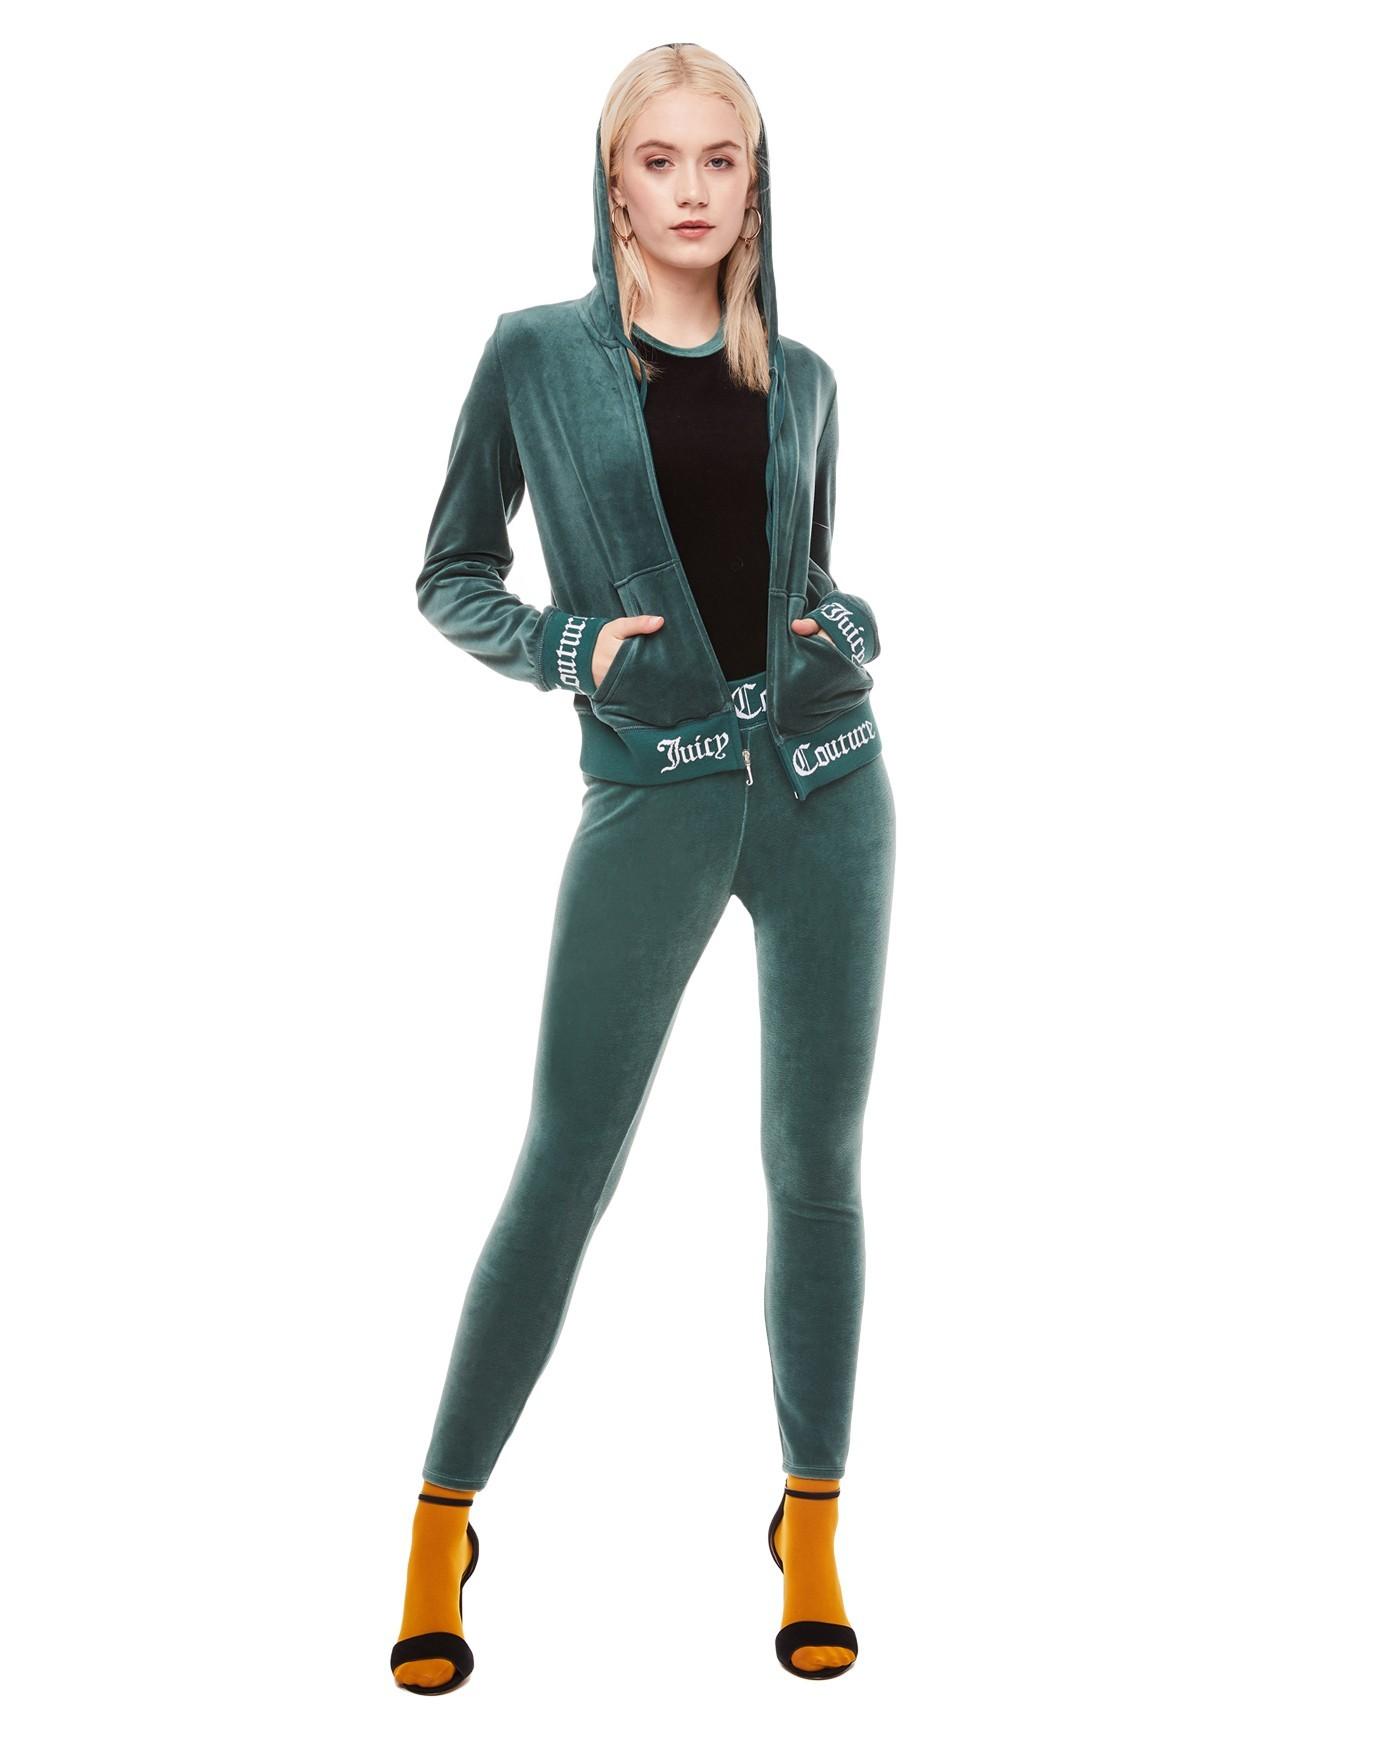 спортивный костюм женский модный 2018 2019: зеленый велюровый